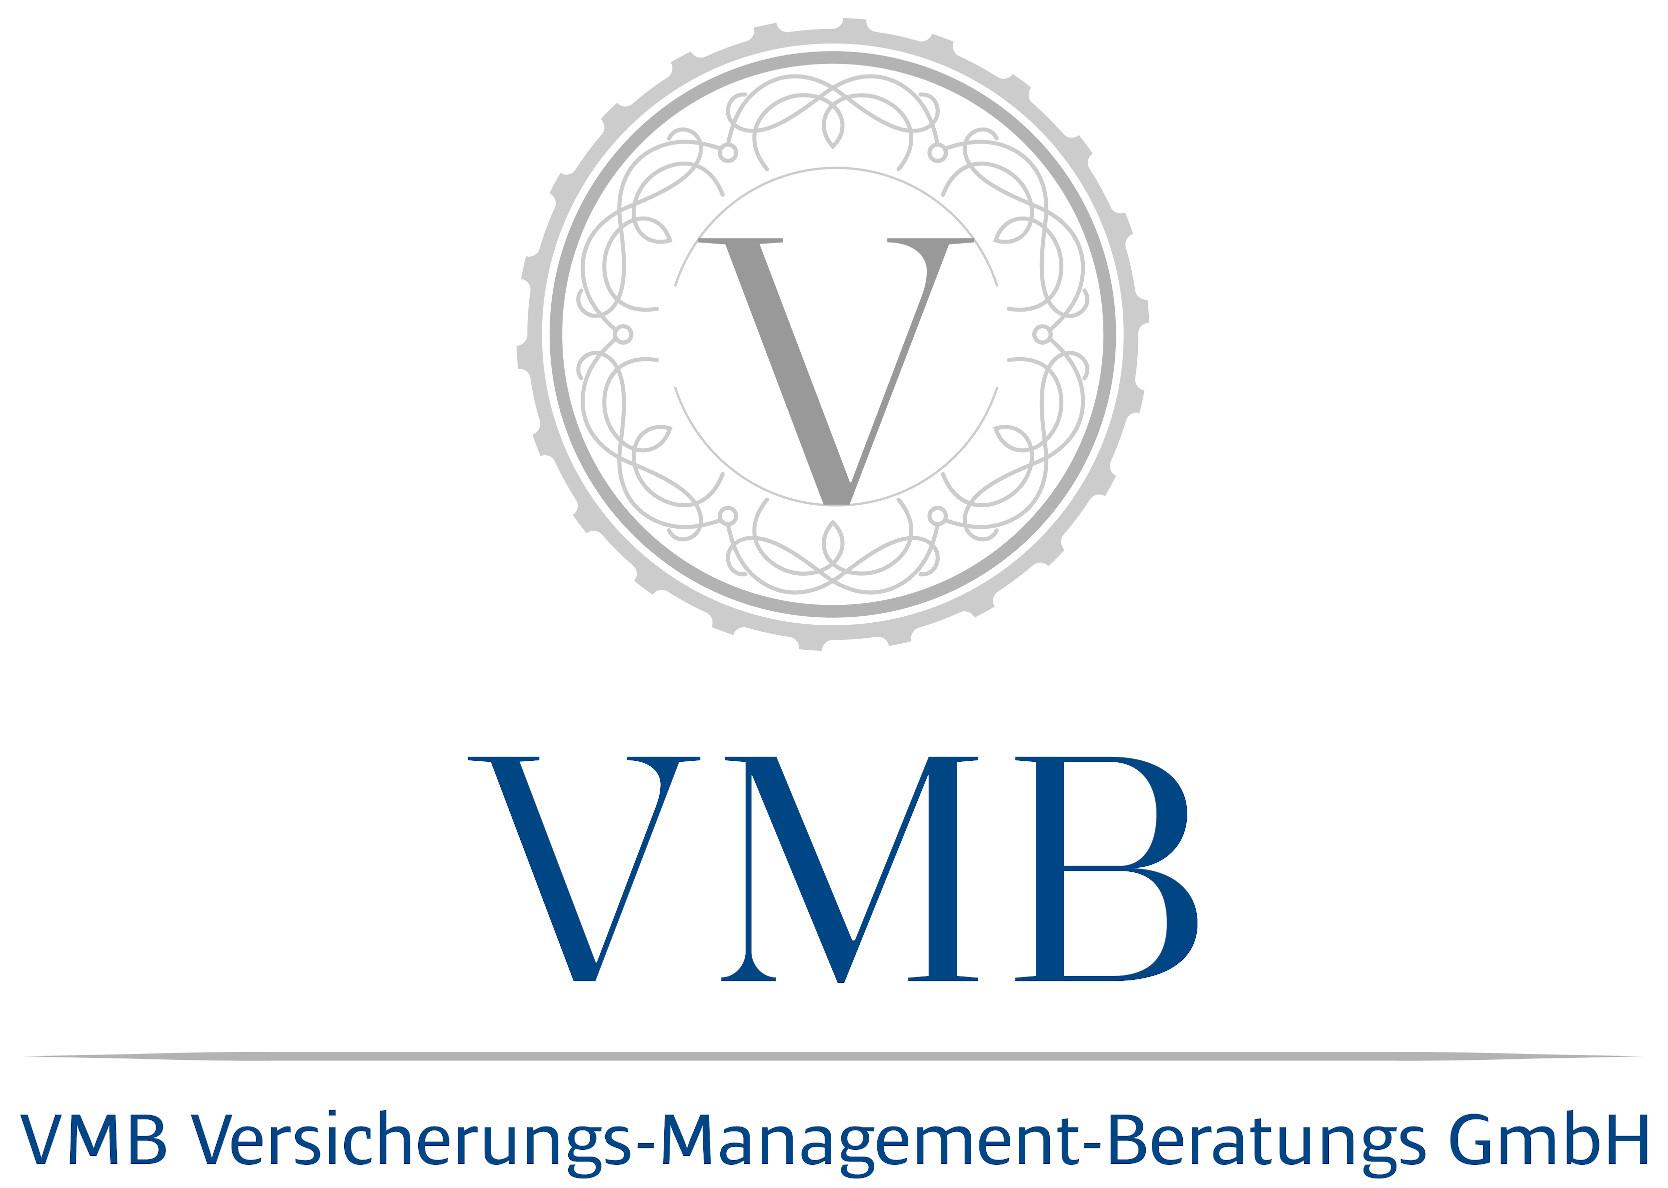 VMB Versicherungs-Management-Beratungs GmbH Logo